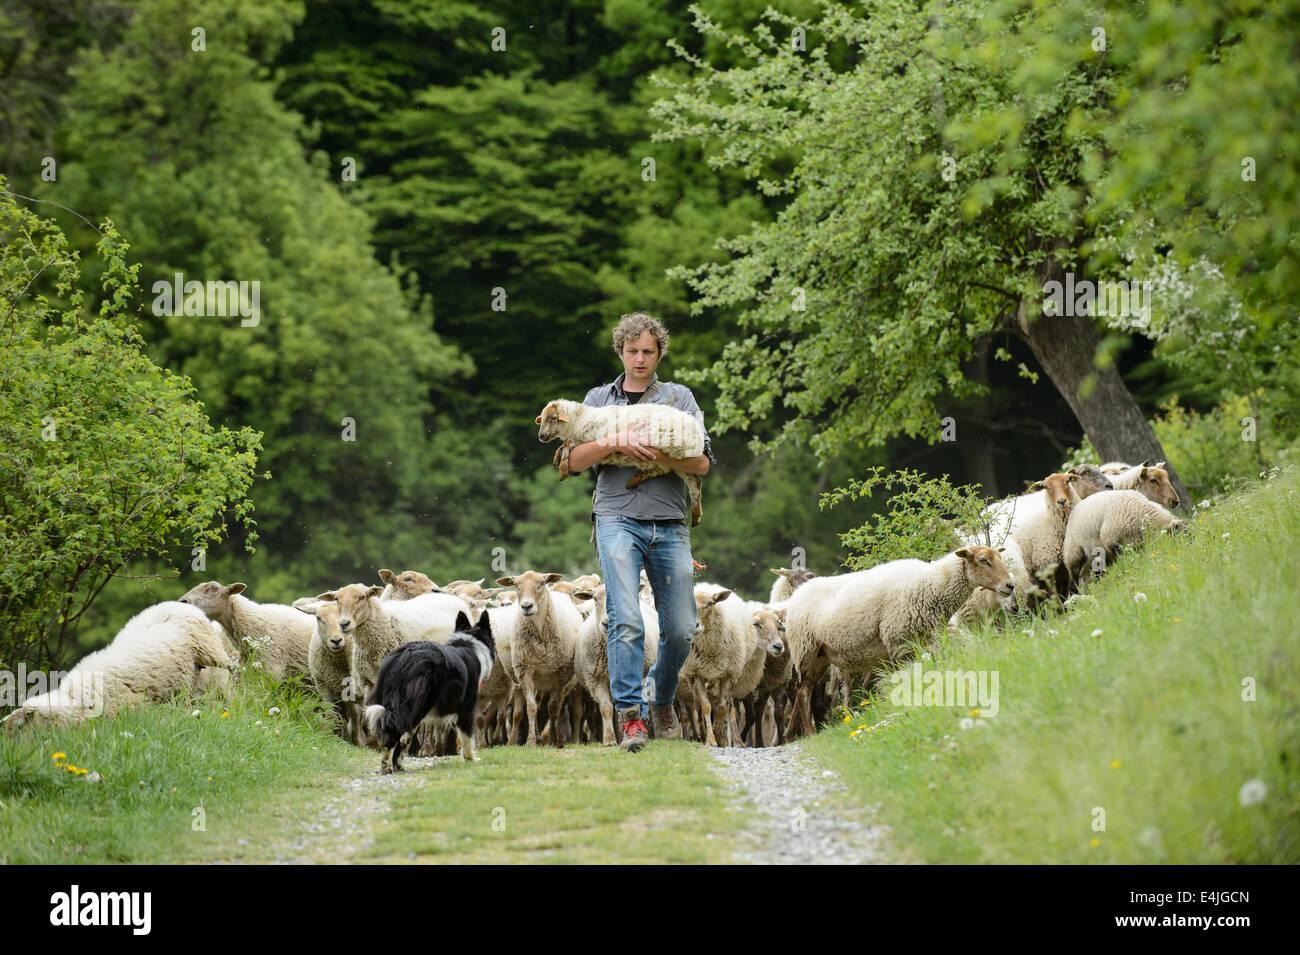 Pastor con un rebaño de ovejas tras él, llevando un cordero herido. Imagen De Stock